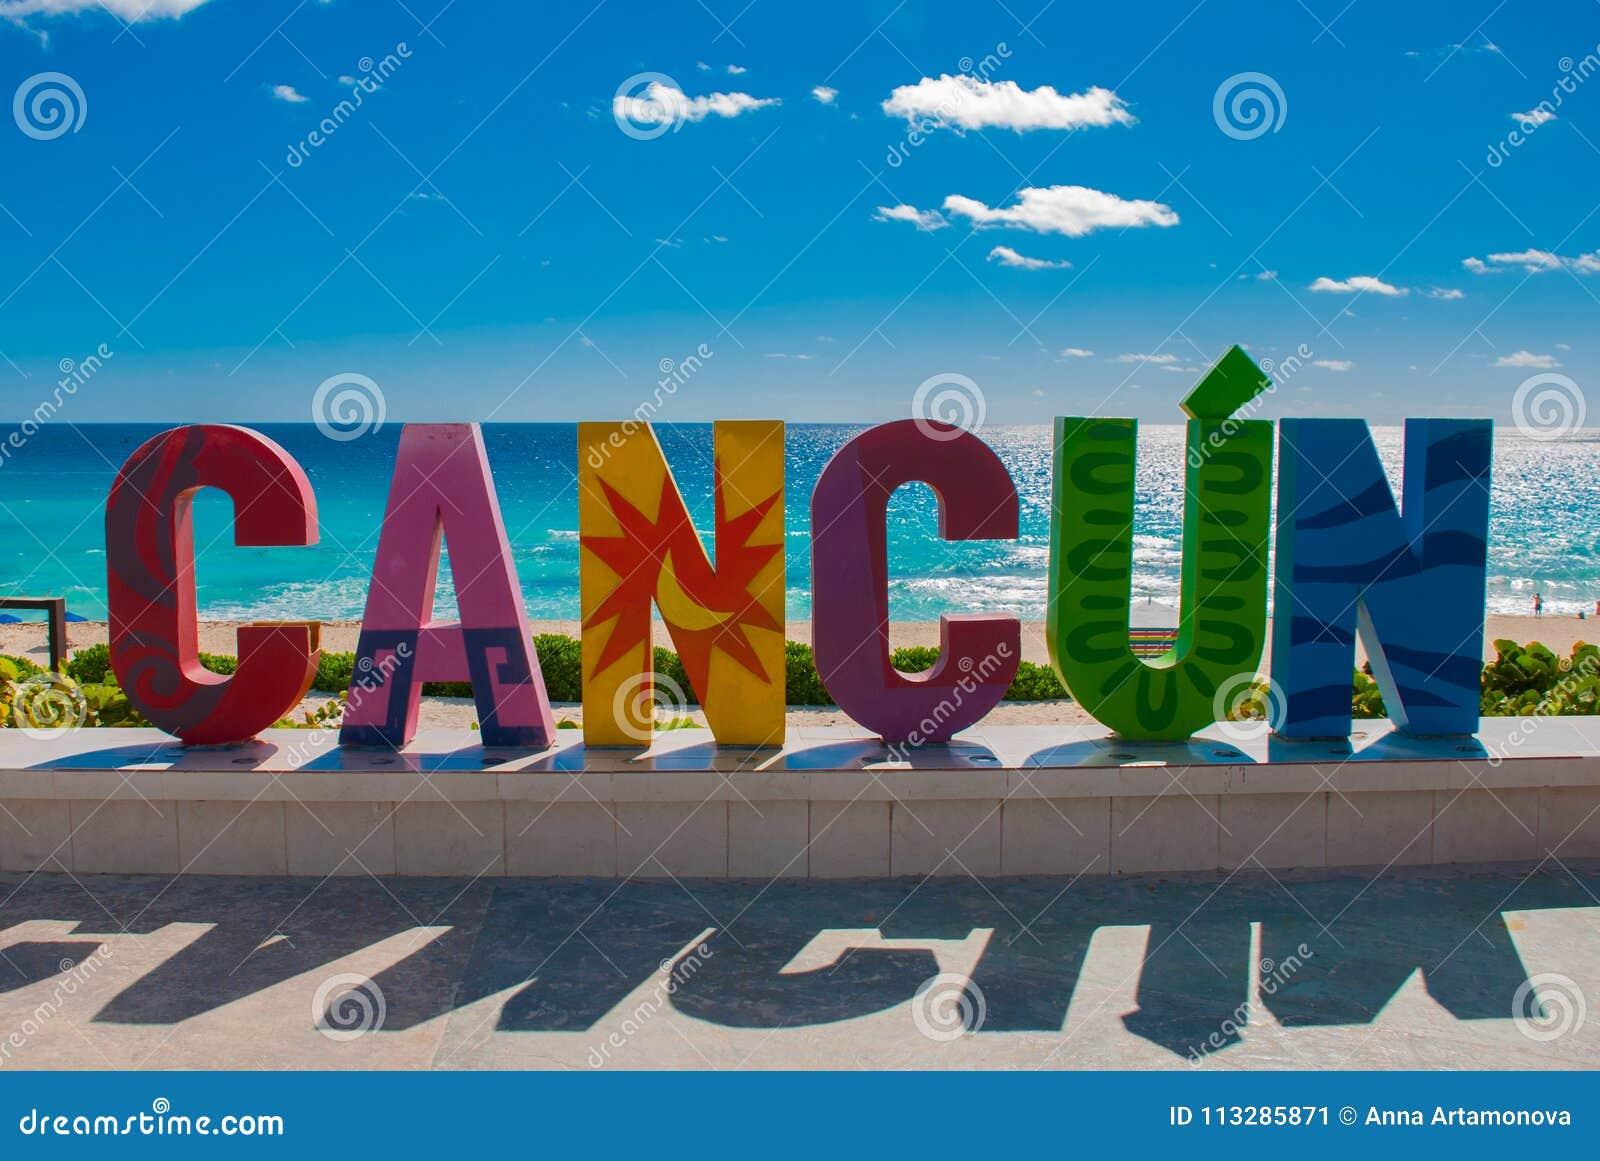 Cancun, Мексика, надпись перед пляжем Playa Delfines Огромные письма имени города